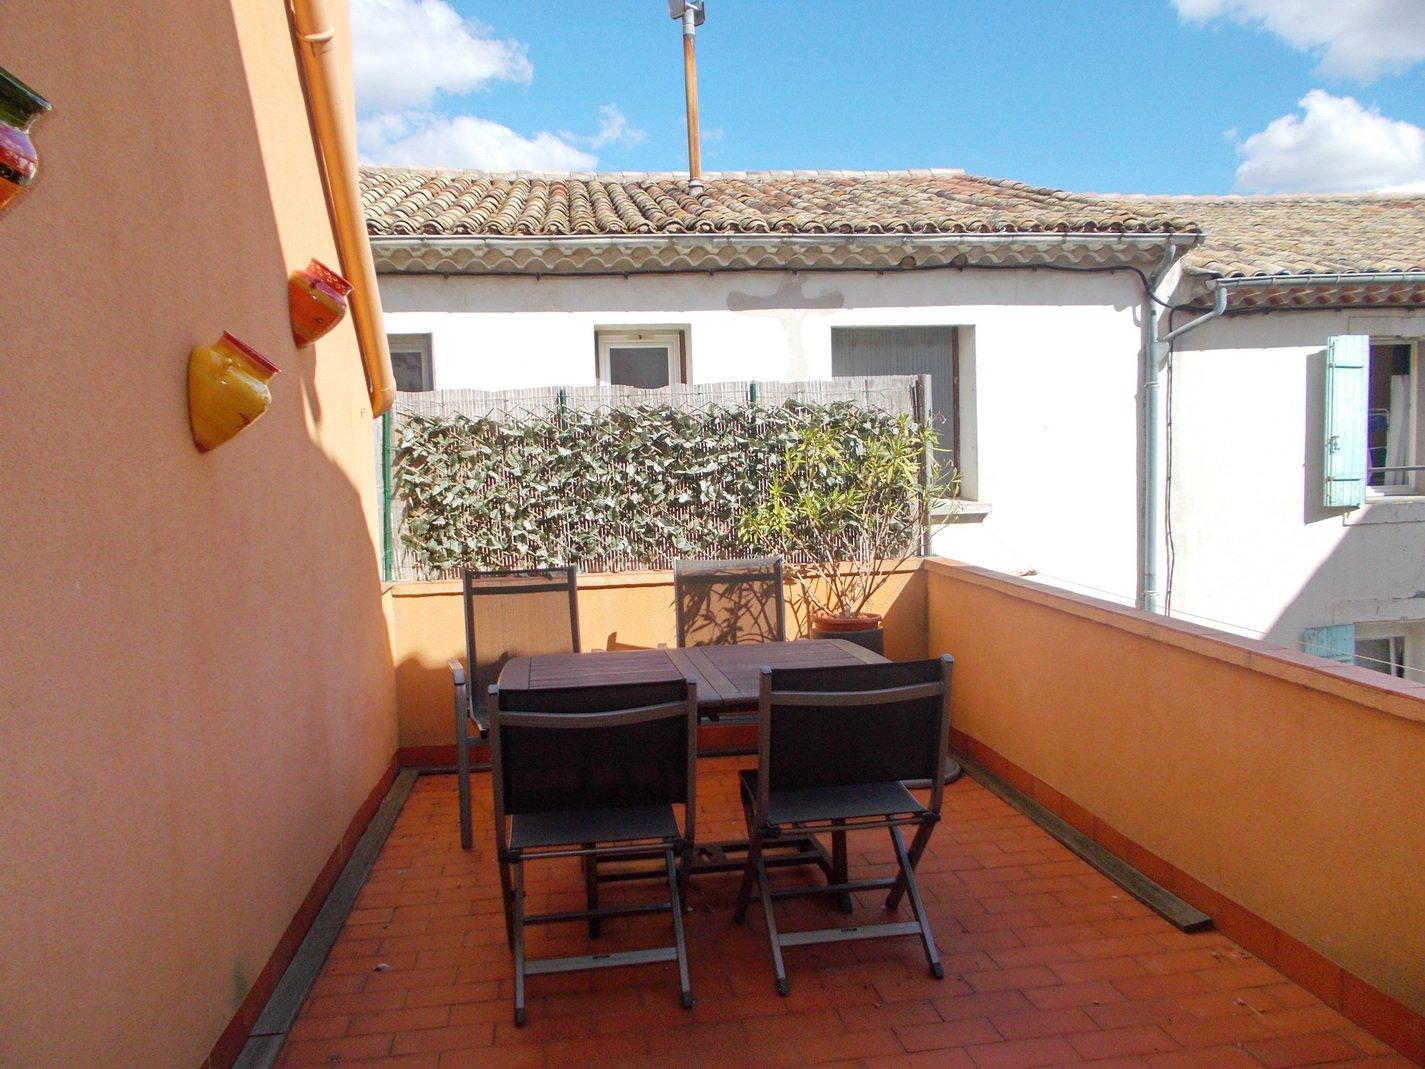 Byhus med garage, terrass och uthyrningslägenheter